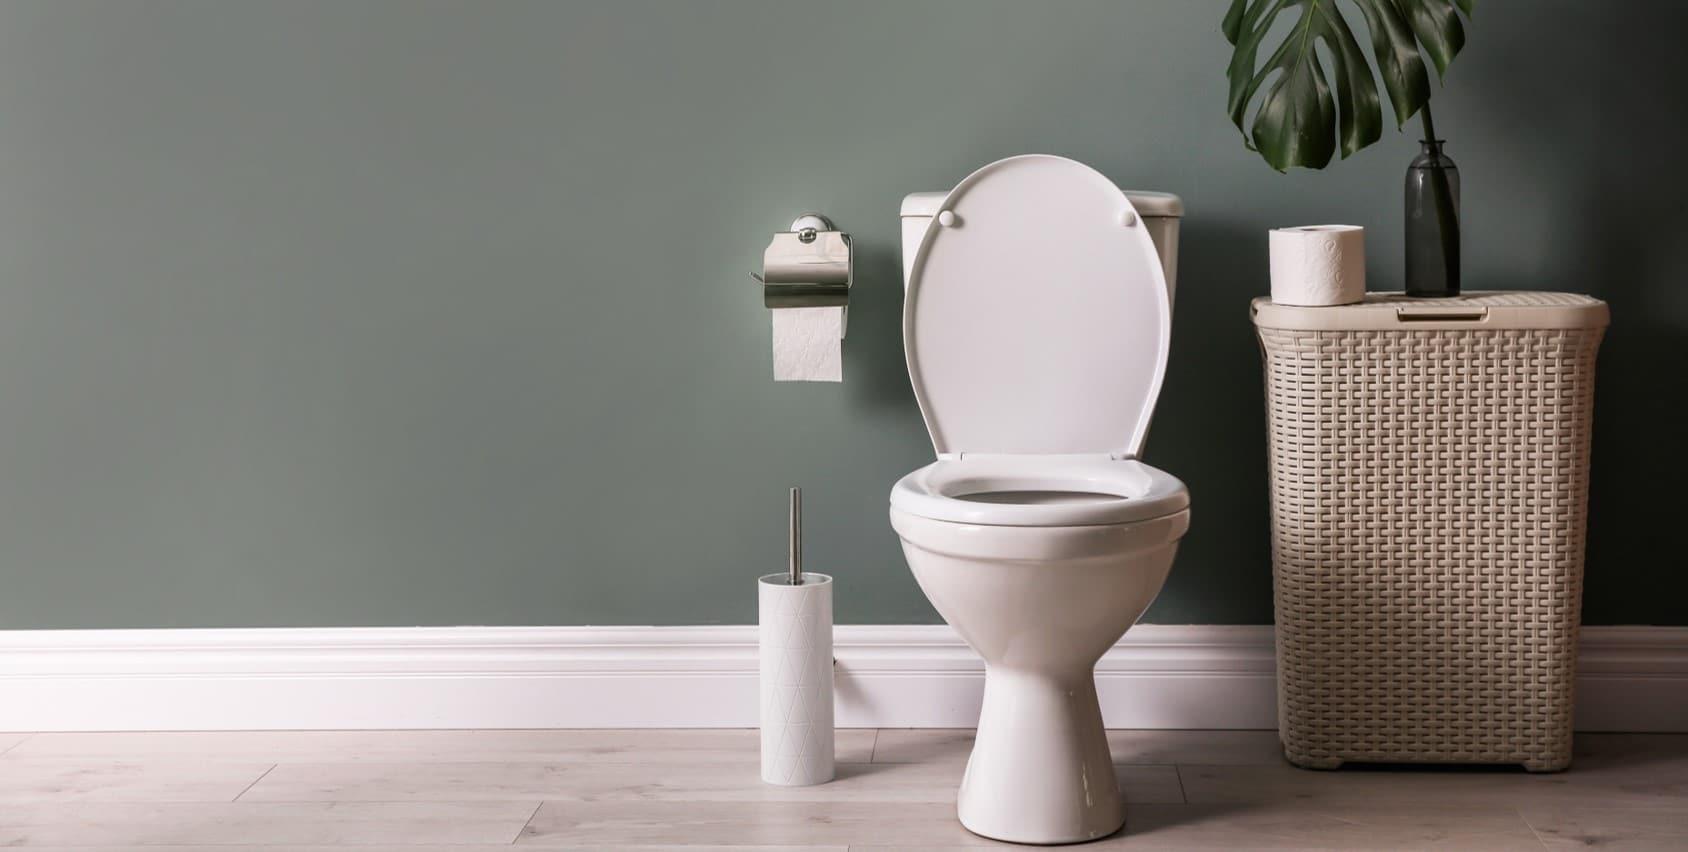 Installer et choisir ses WC